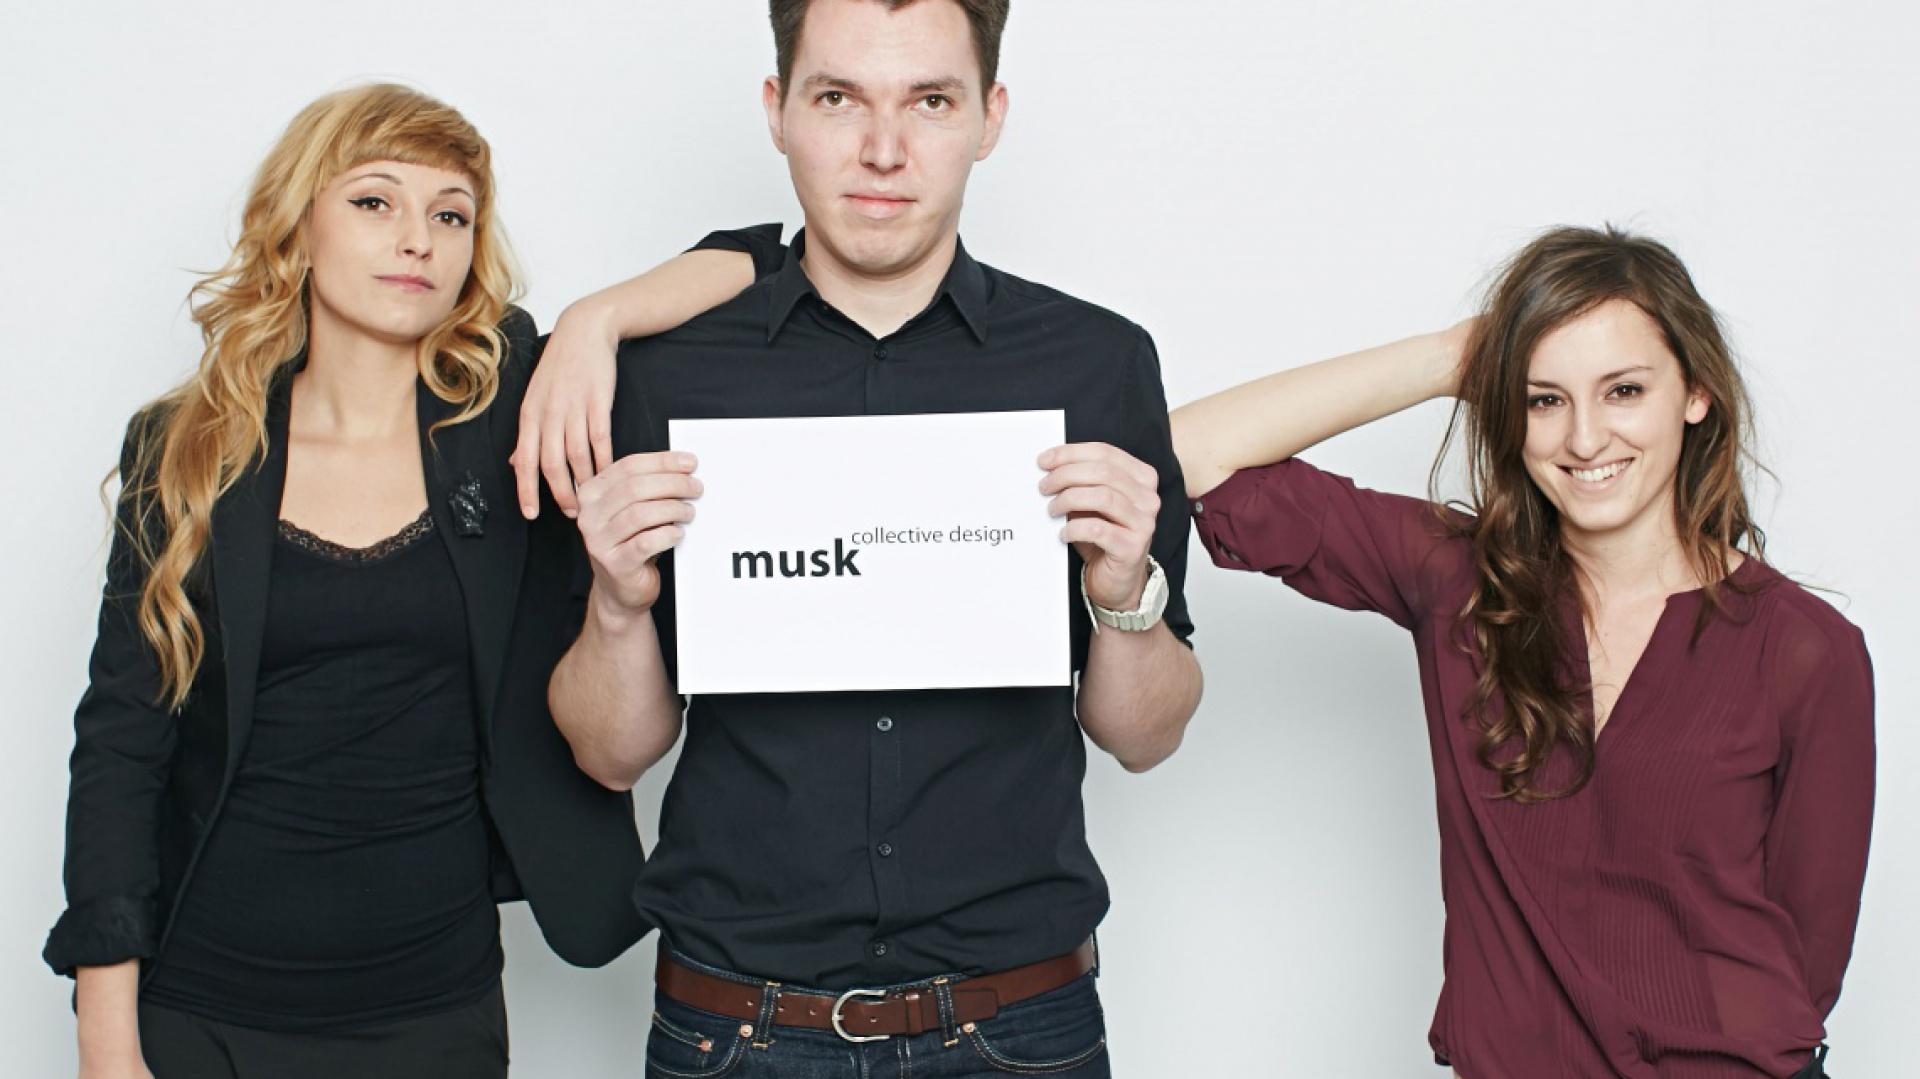 Weronika Kiersztejn, Józek Madej i Katarzyna Sąsiadek z biura projektowego Musk Collective Design.